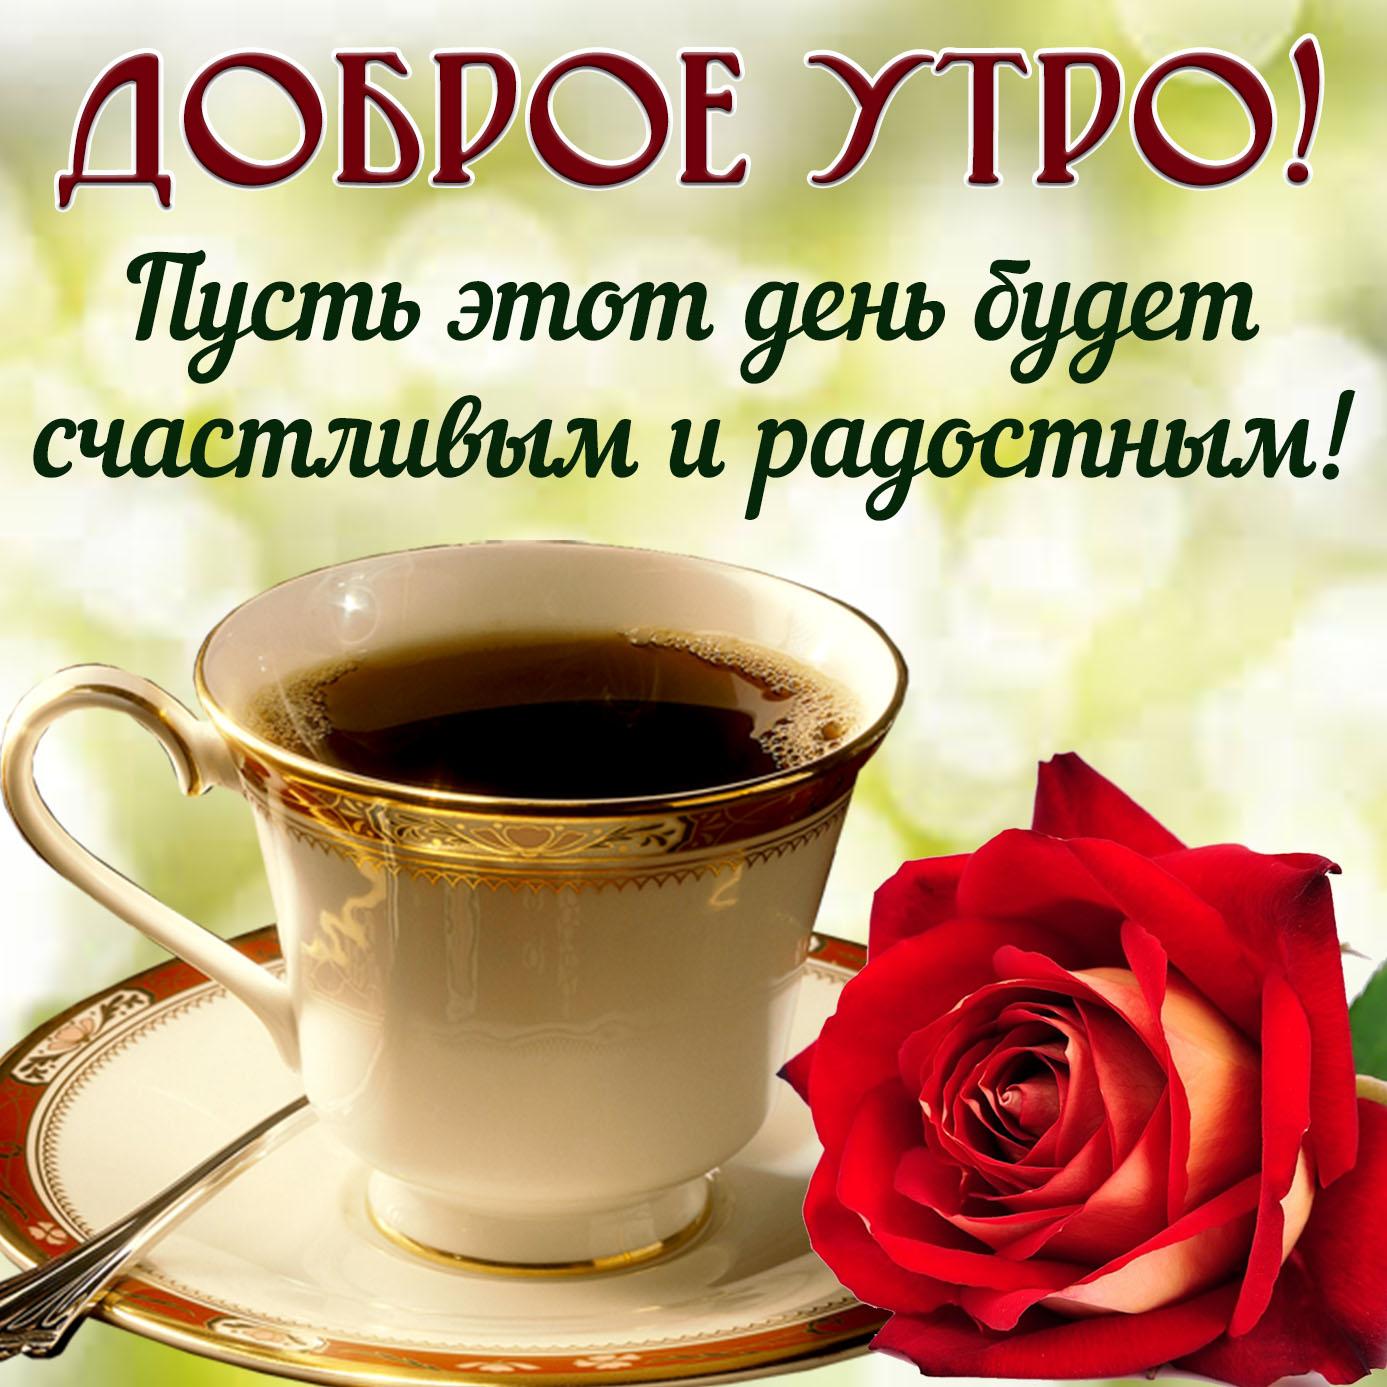 Открытка доброе утро с розой и чашкой кофе